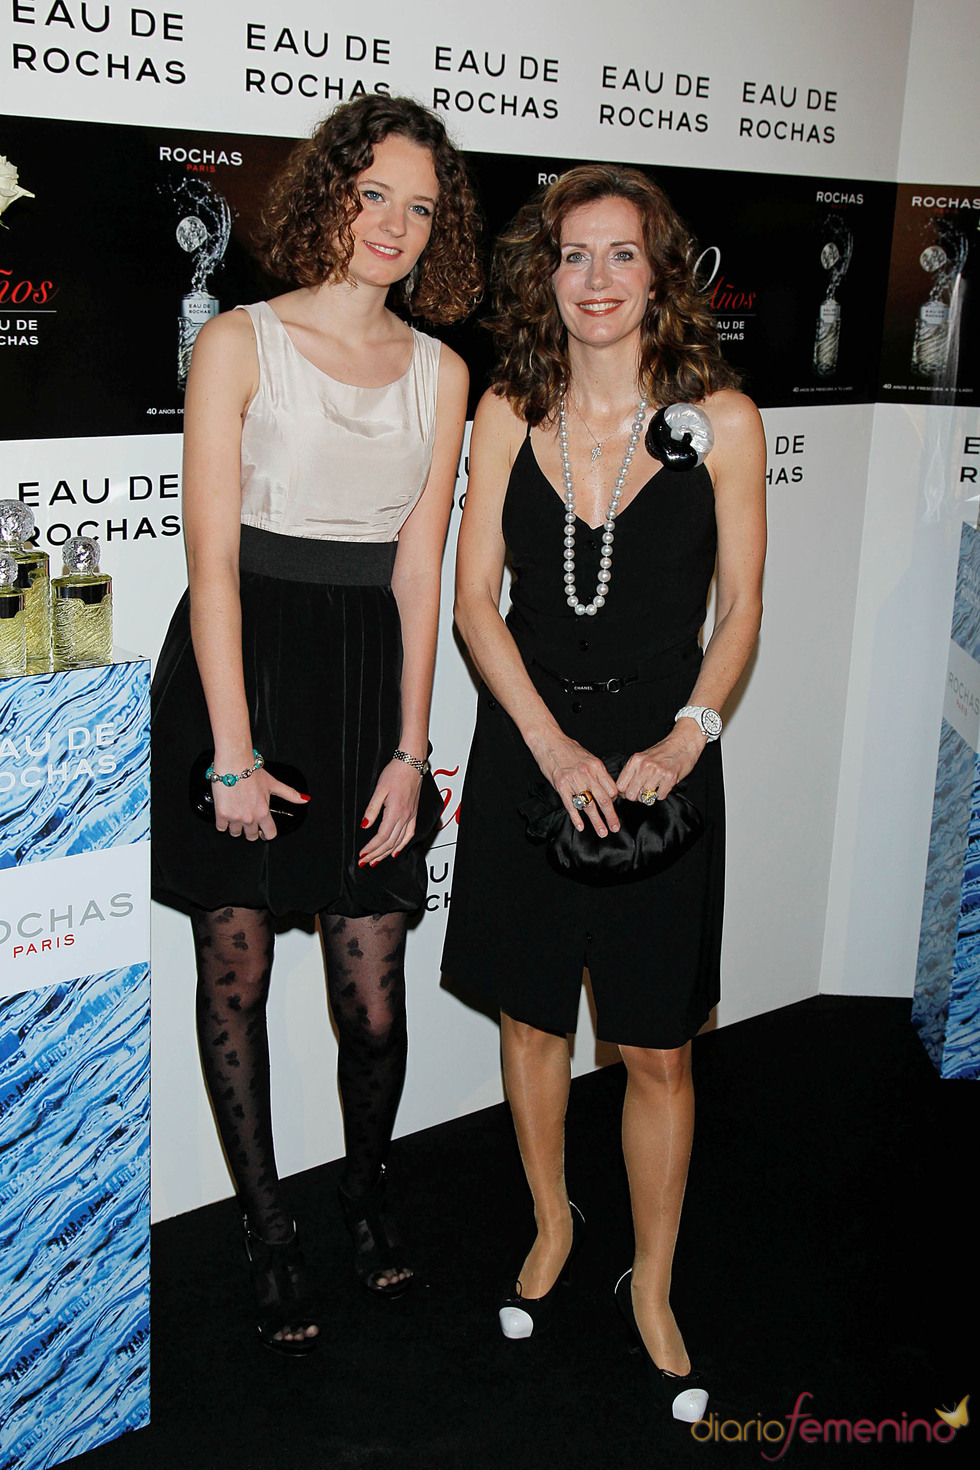 Helena Boyra y su hija en el 40 aniversario de 'Eau de Rochas'